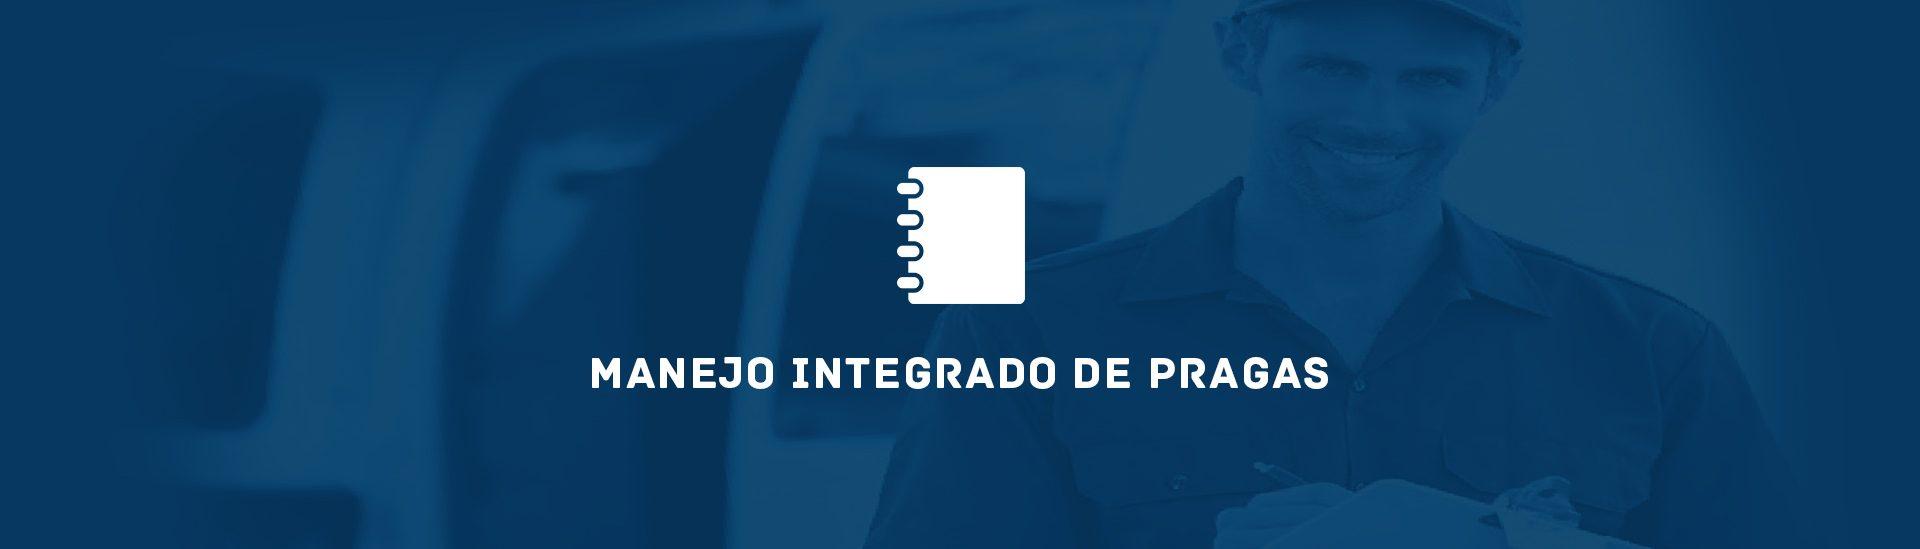 Manejo Integrado de Pragas Bio Desin.